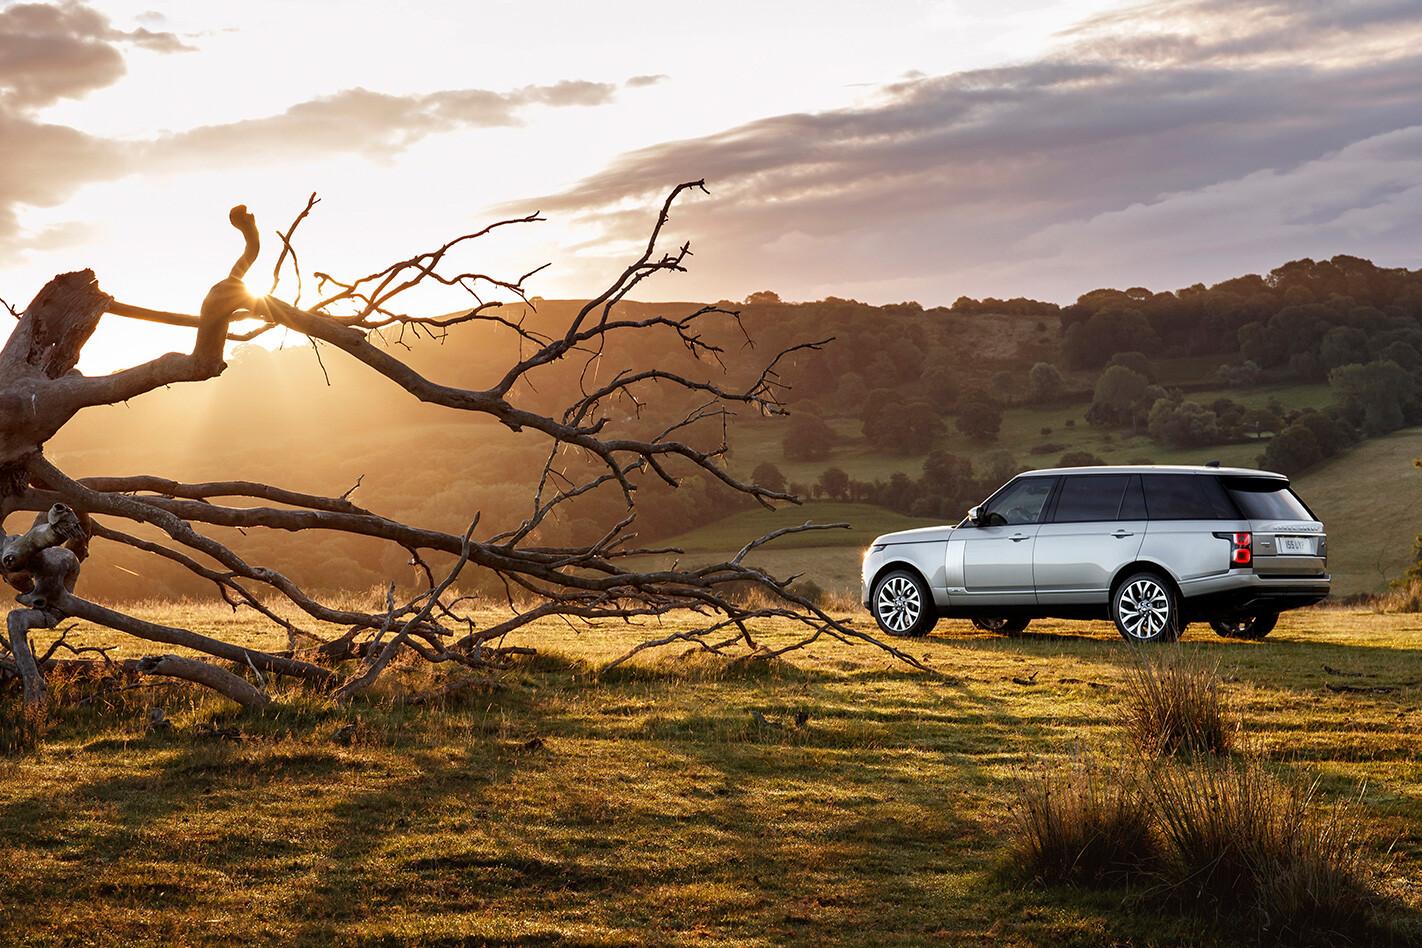 Range Rover 4x4